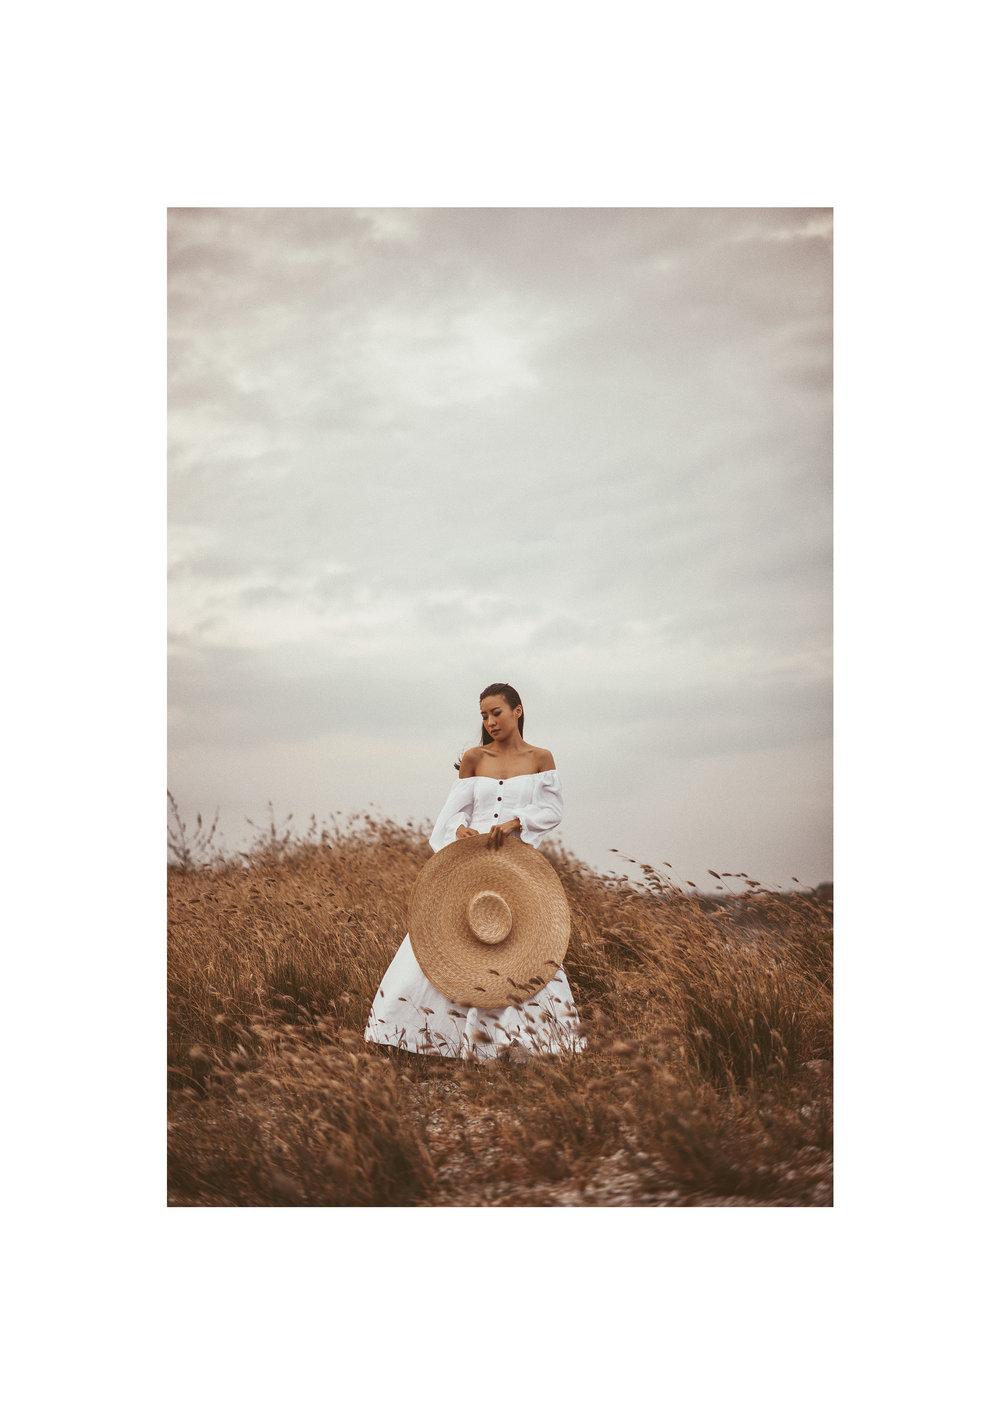 Dress: Mara Hoffman from Net-A-Porter